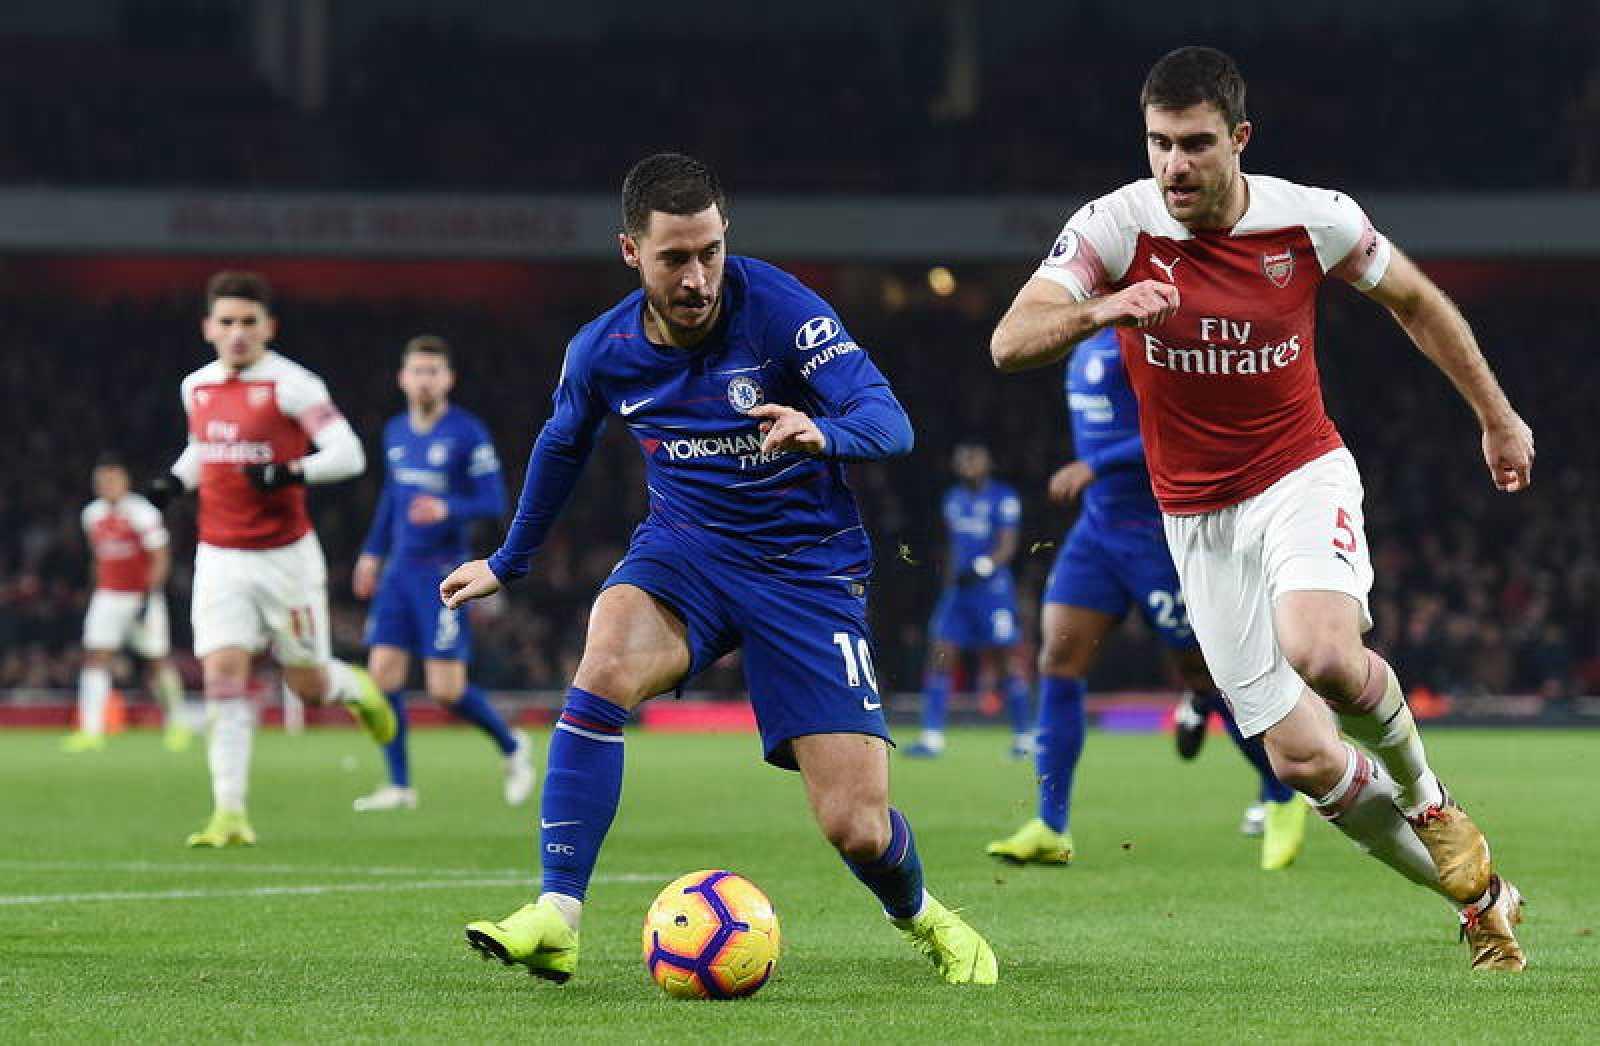 El jugador del Chelsea Hazard (c) en acción en el partido de esta temporada de la Premier ante el Arsenal en el Emirates Stadium